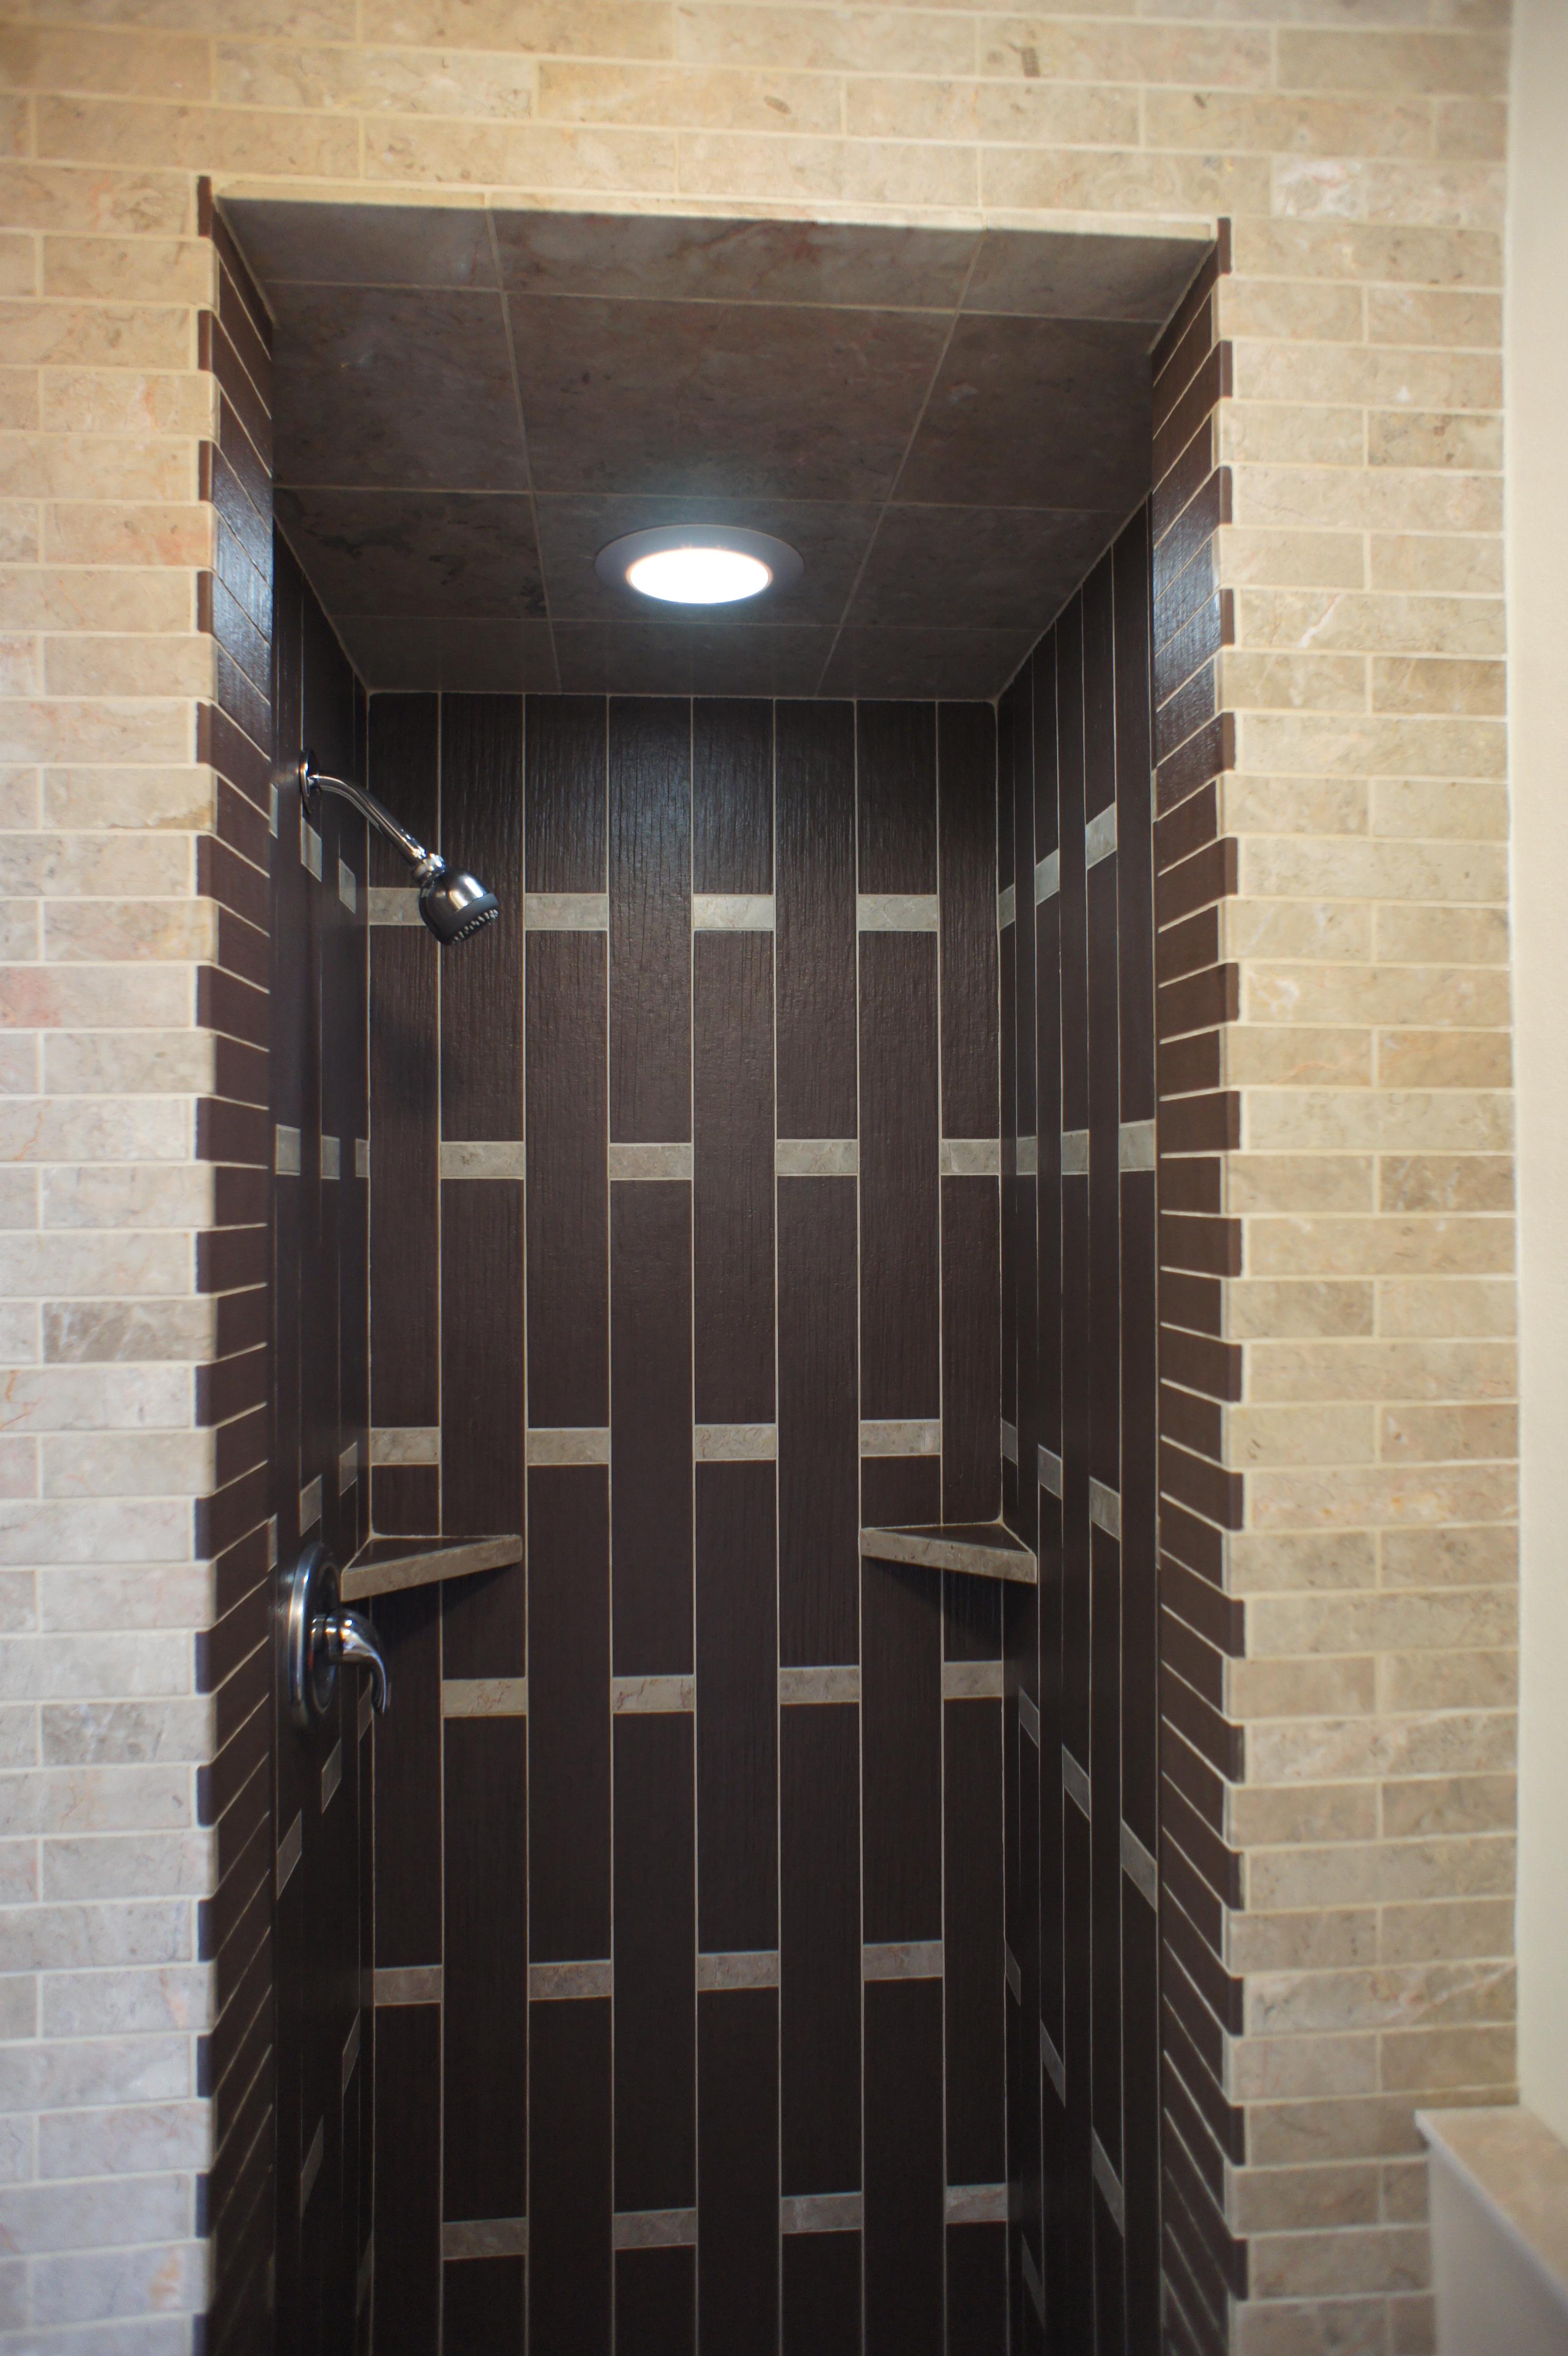 Custom Tile Shower Rhone Design - Custom tiled shower designs